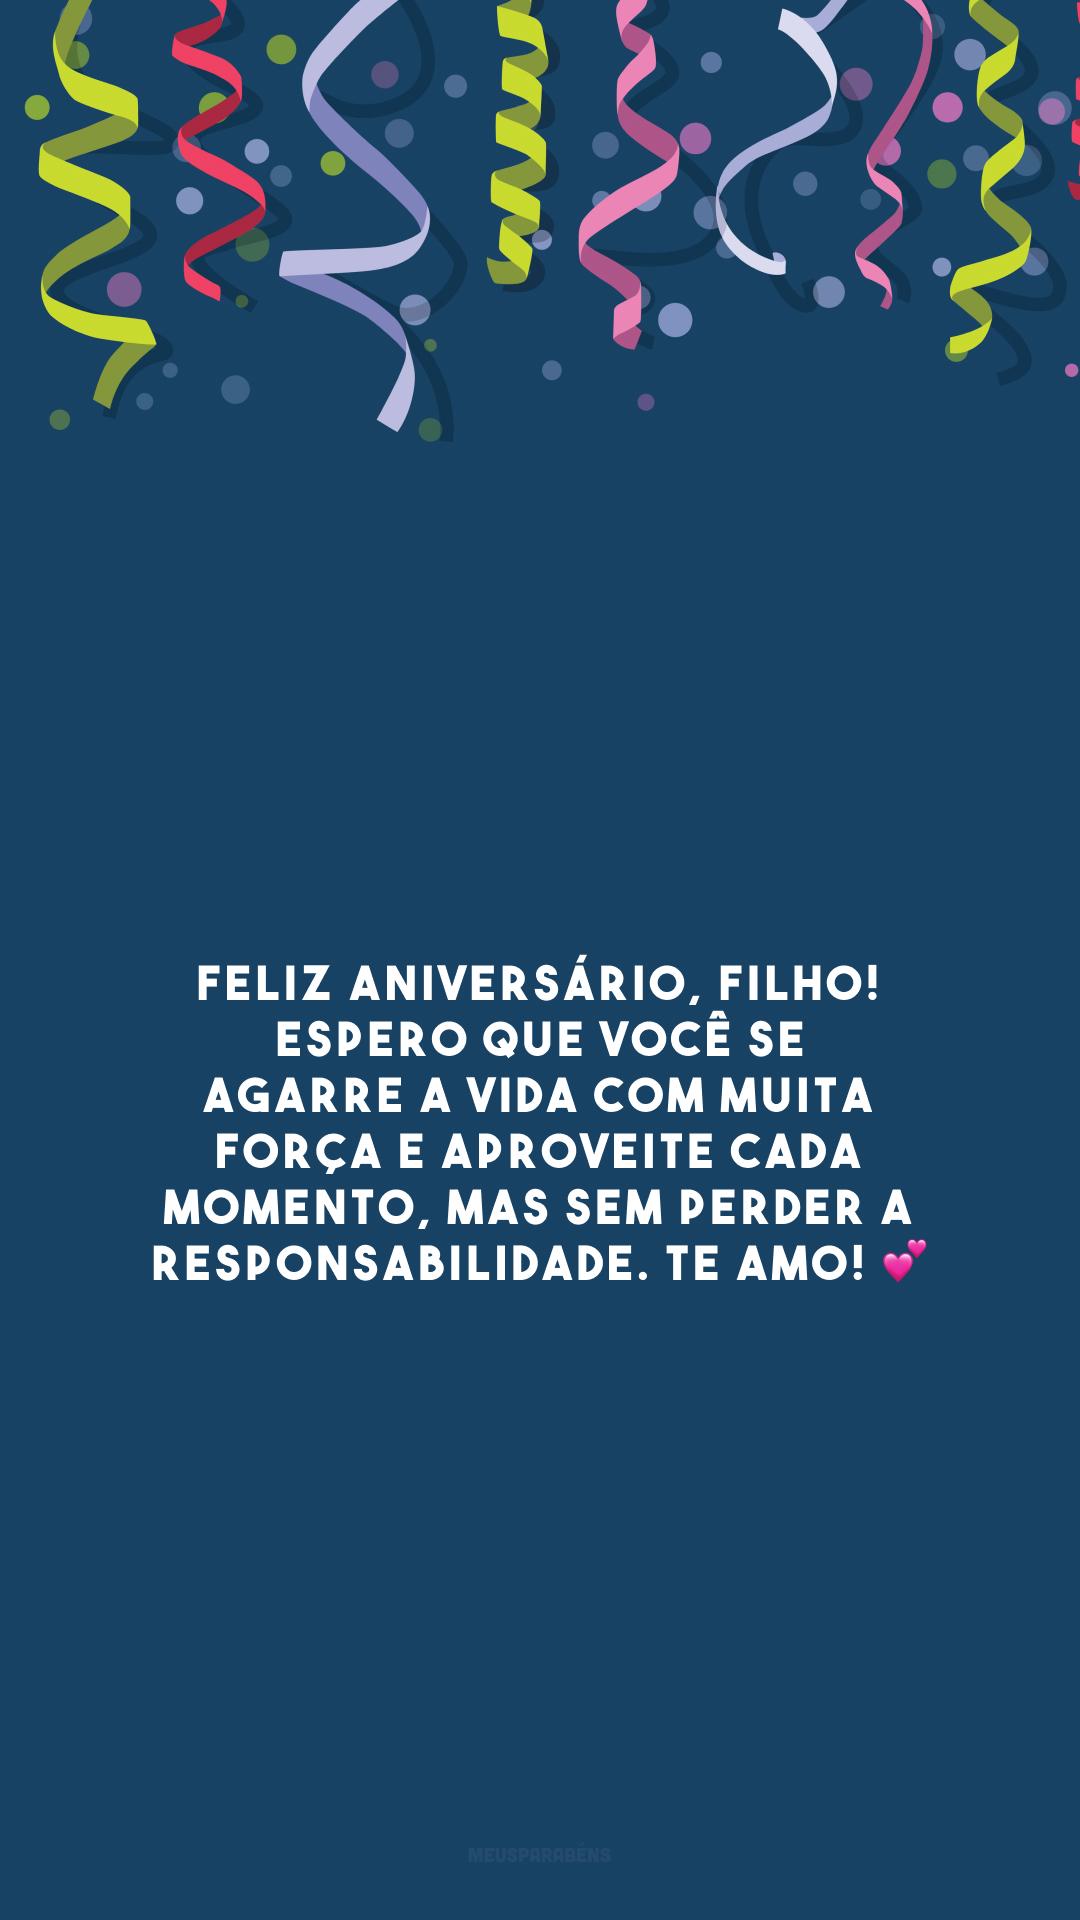 Feliz aniversário, filho! Espero que você se agarre a vida com muita força e aproveite cada momento, mas sem perder a responsabilidade. Te amo! 💕